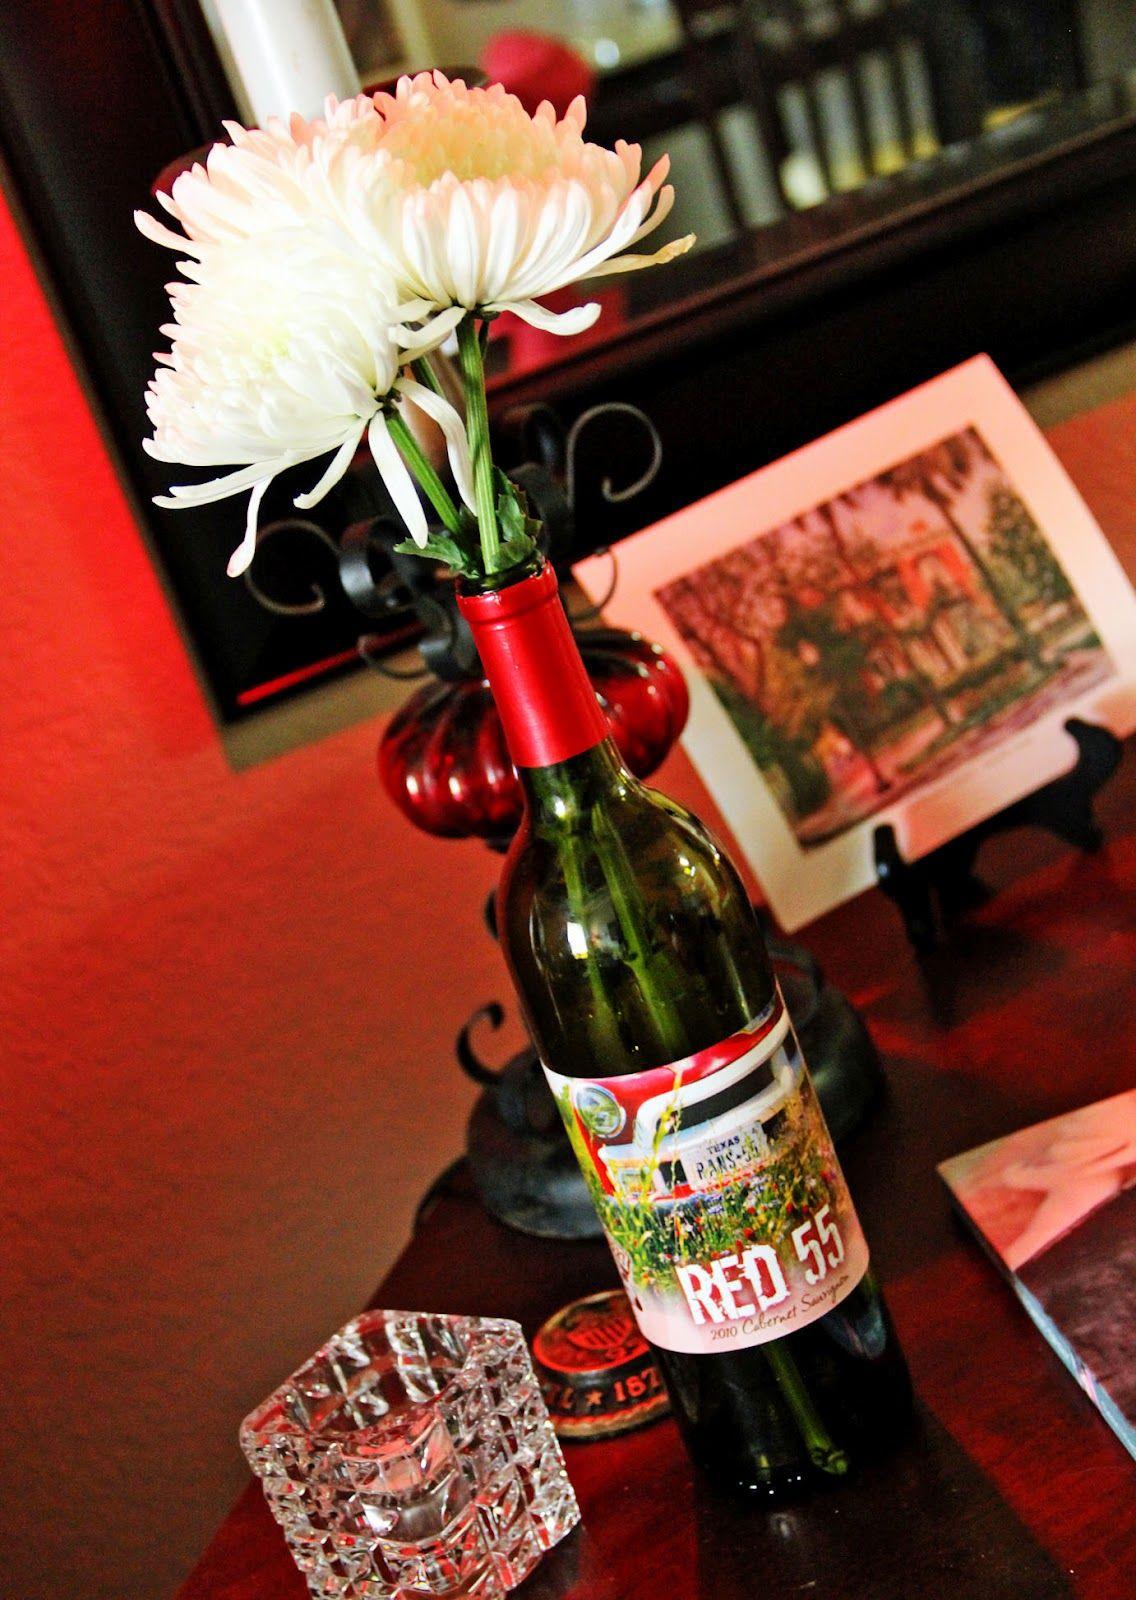 flower+wine+bottle.jpg 1,136×1,600 pixels